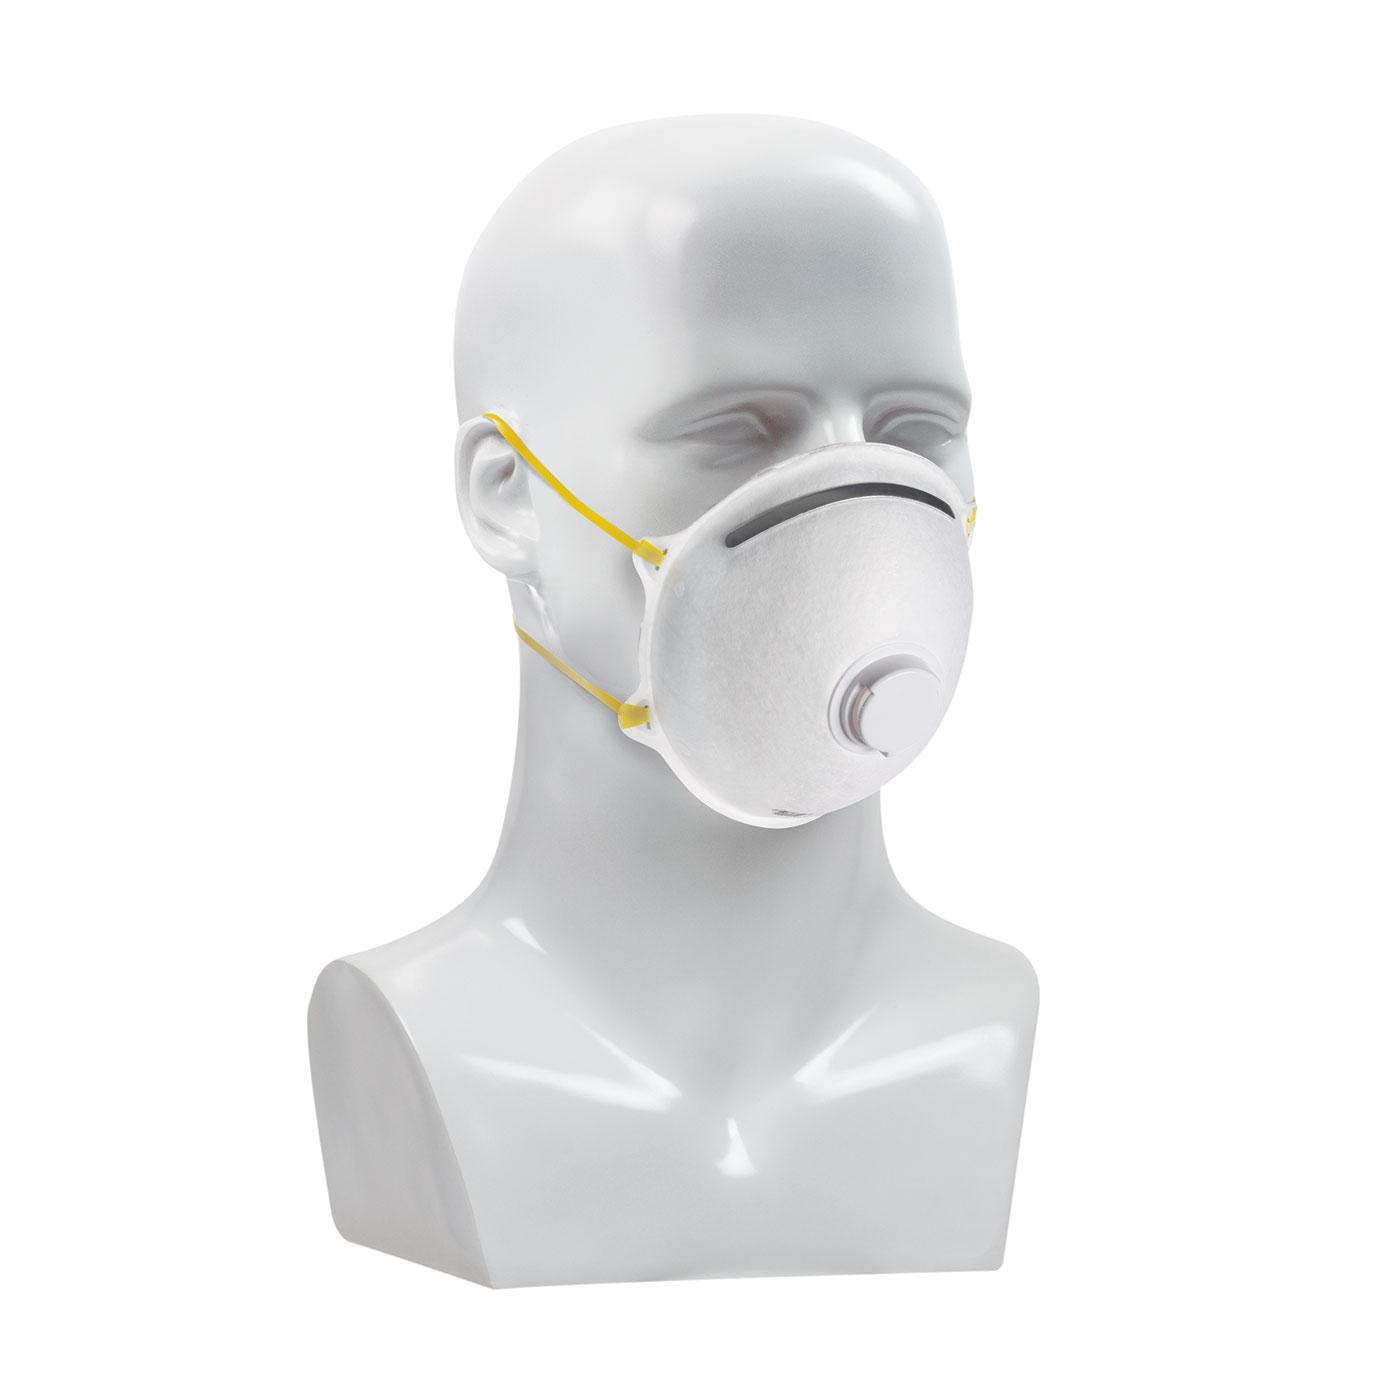 PIP 270-2050 disposable respirator